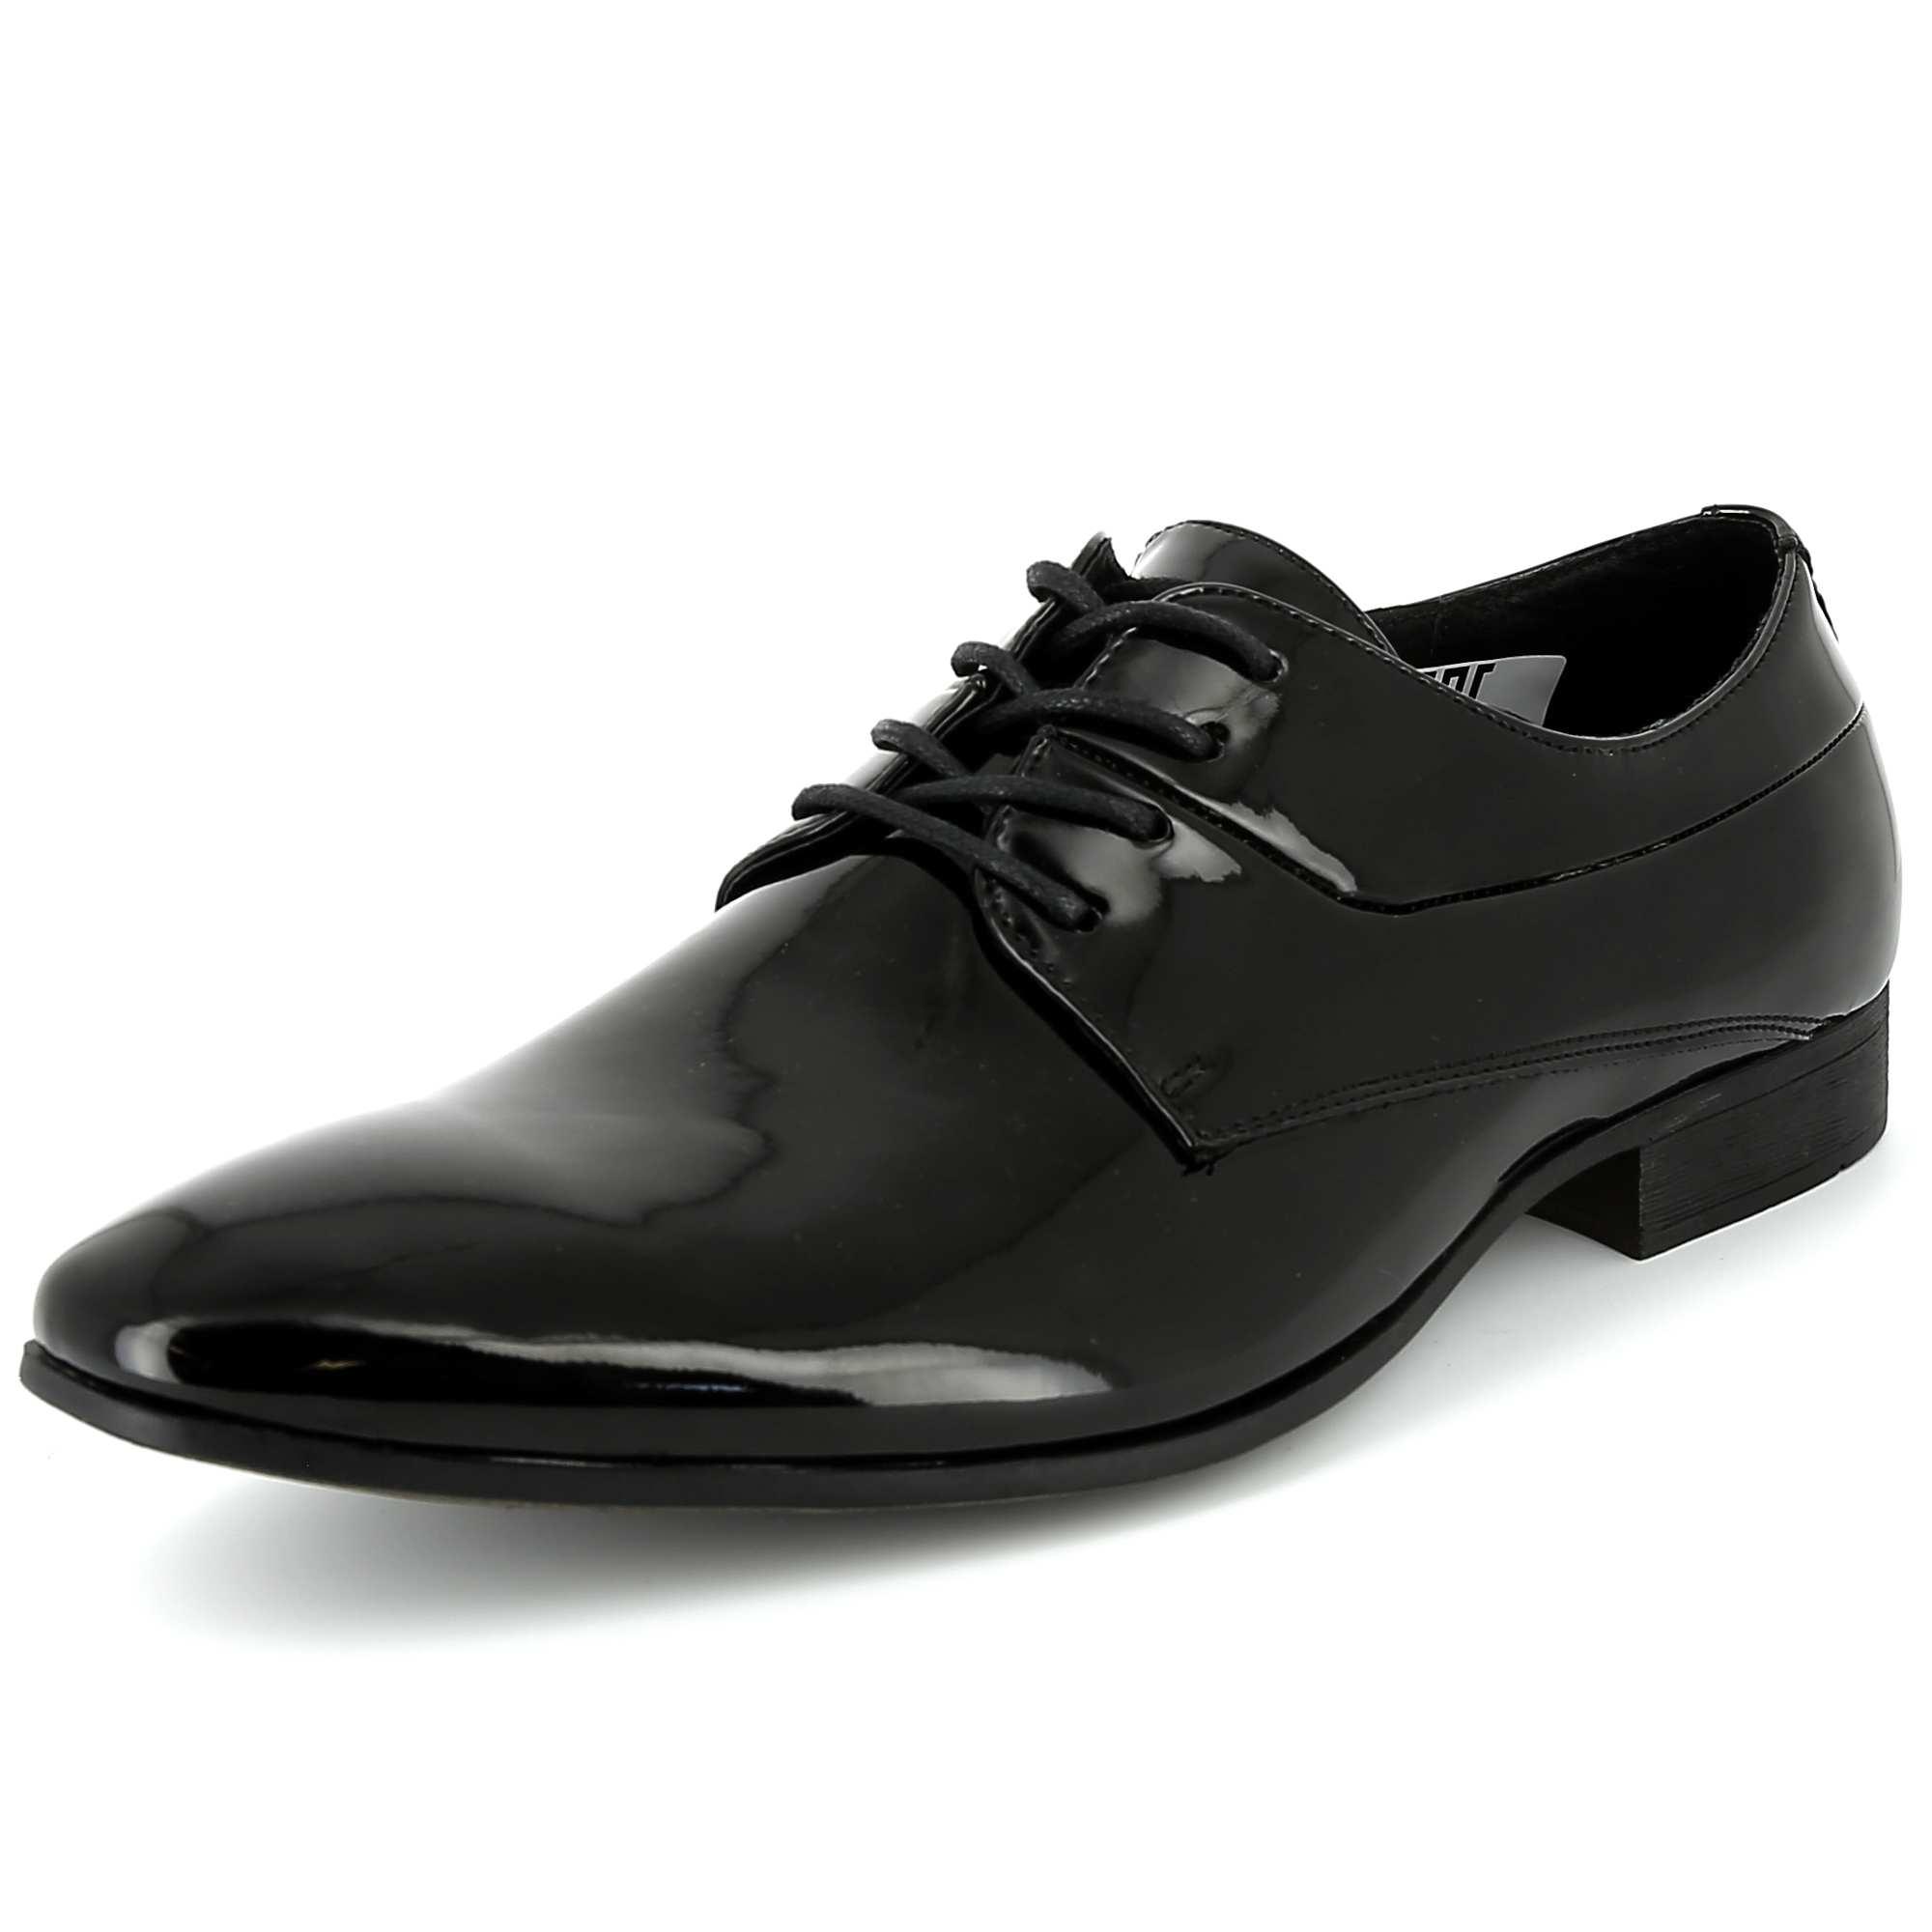 chaussures de ville richelieu vernies homme noir kiabi 30 00. Black Bedroom Furniture Sets. Home Design Ideas